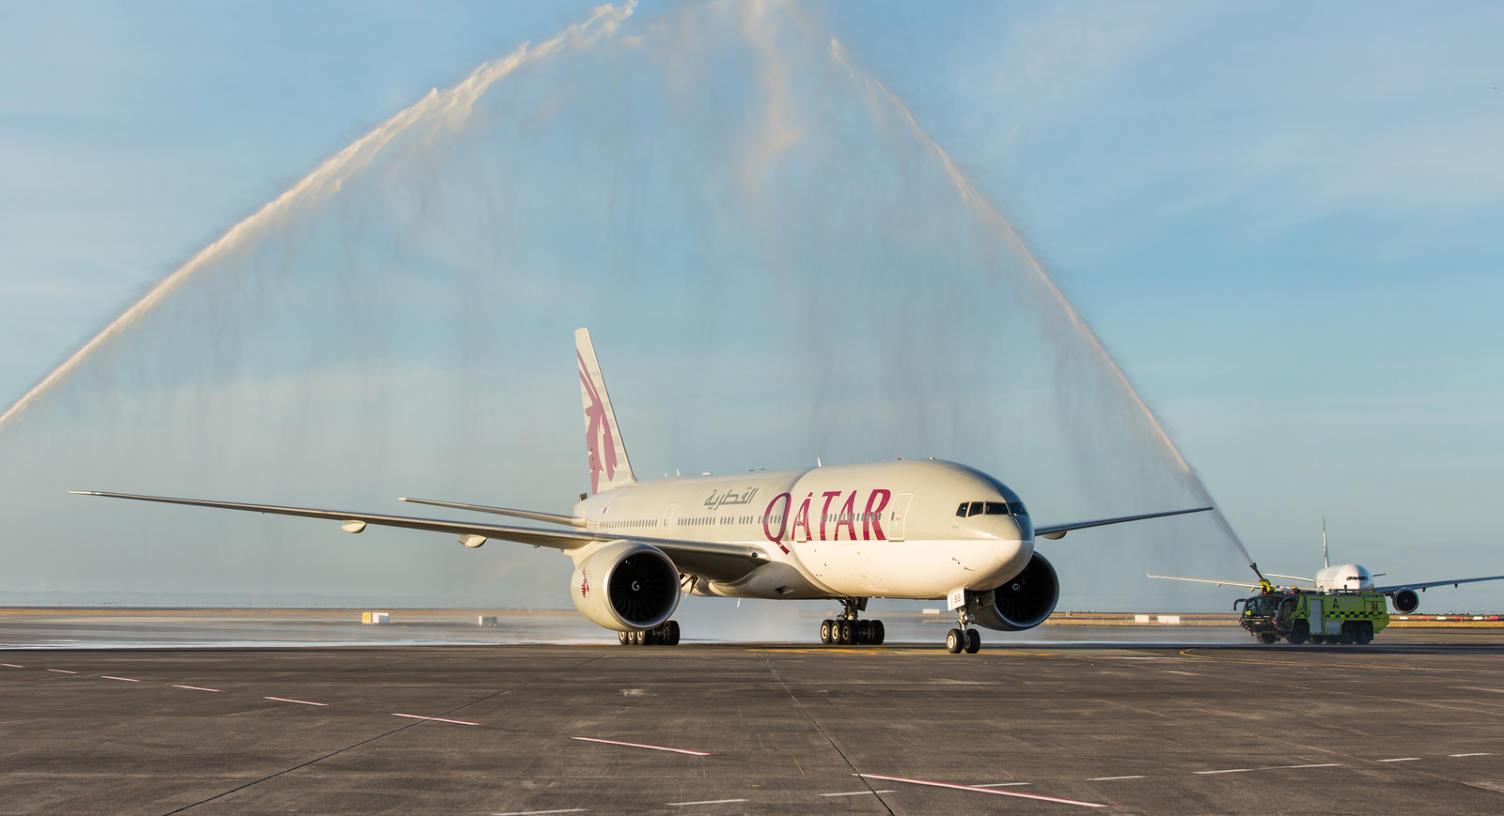 Qatar Airways a lancé le vol commercial le plus long du monde